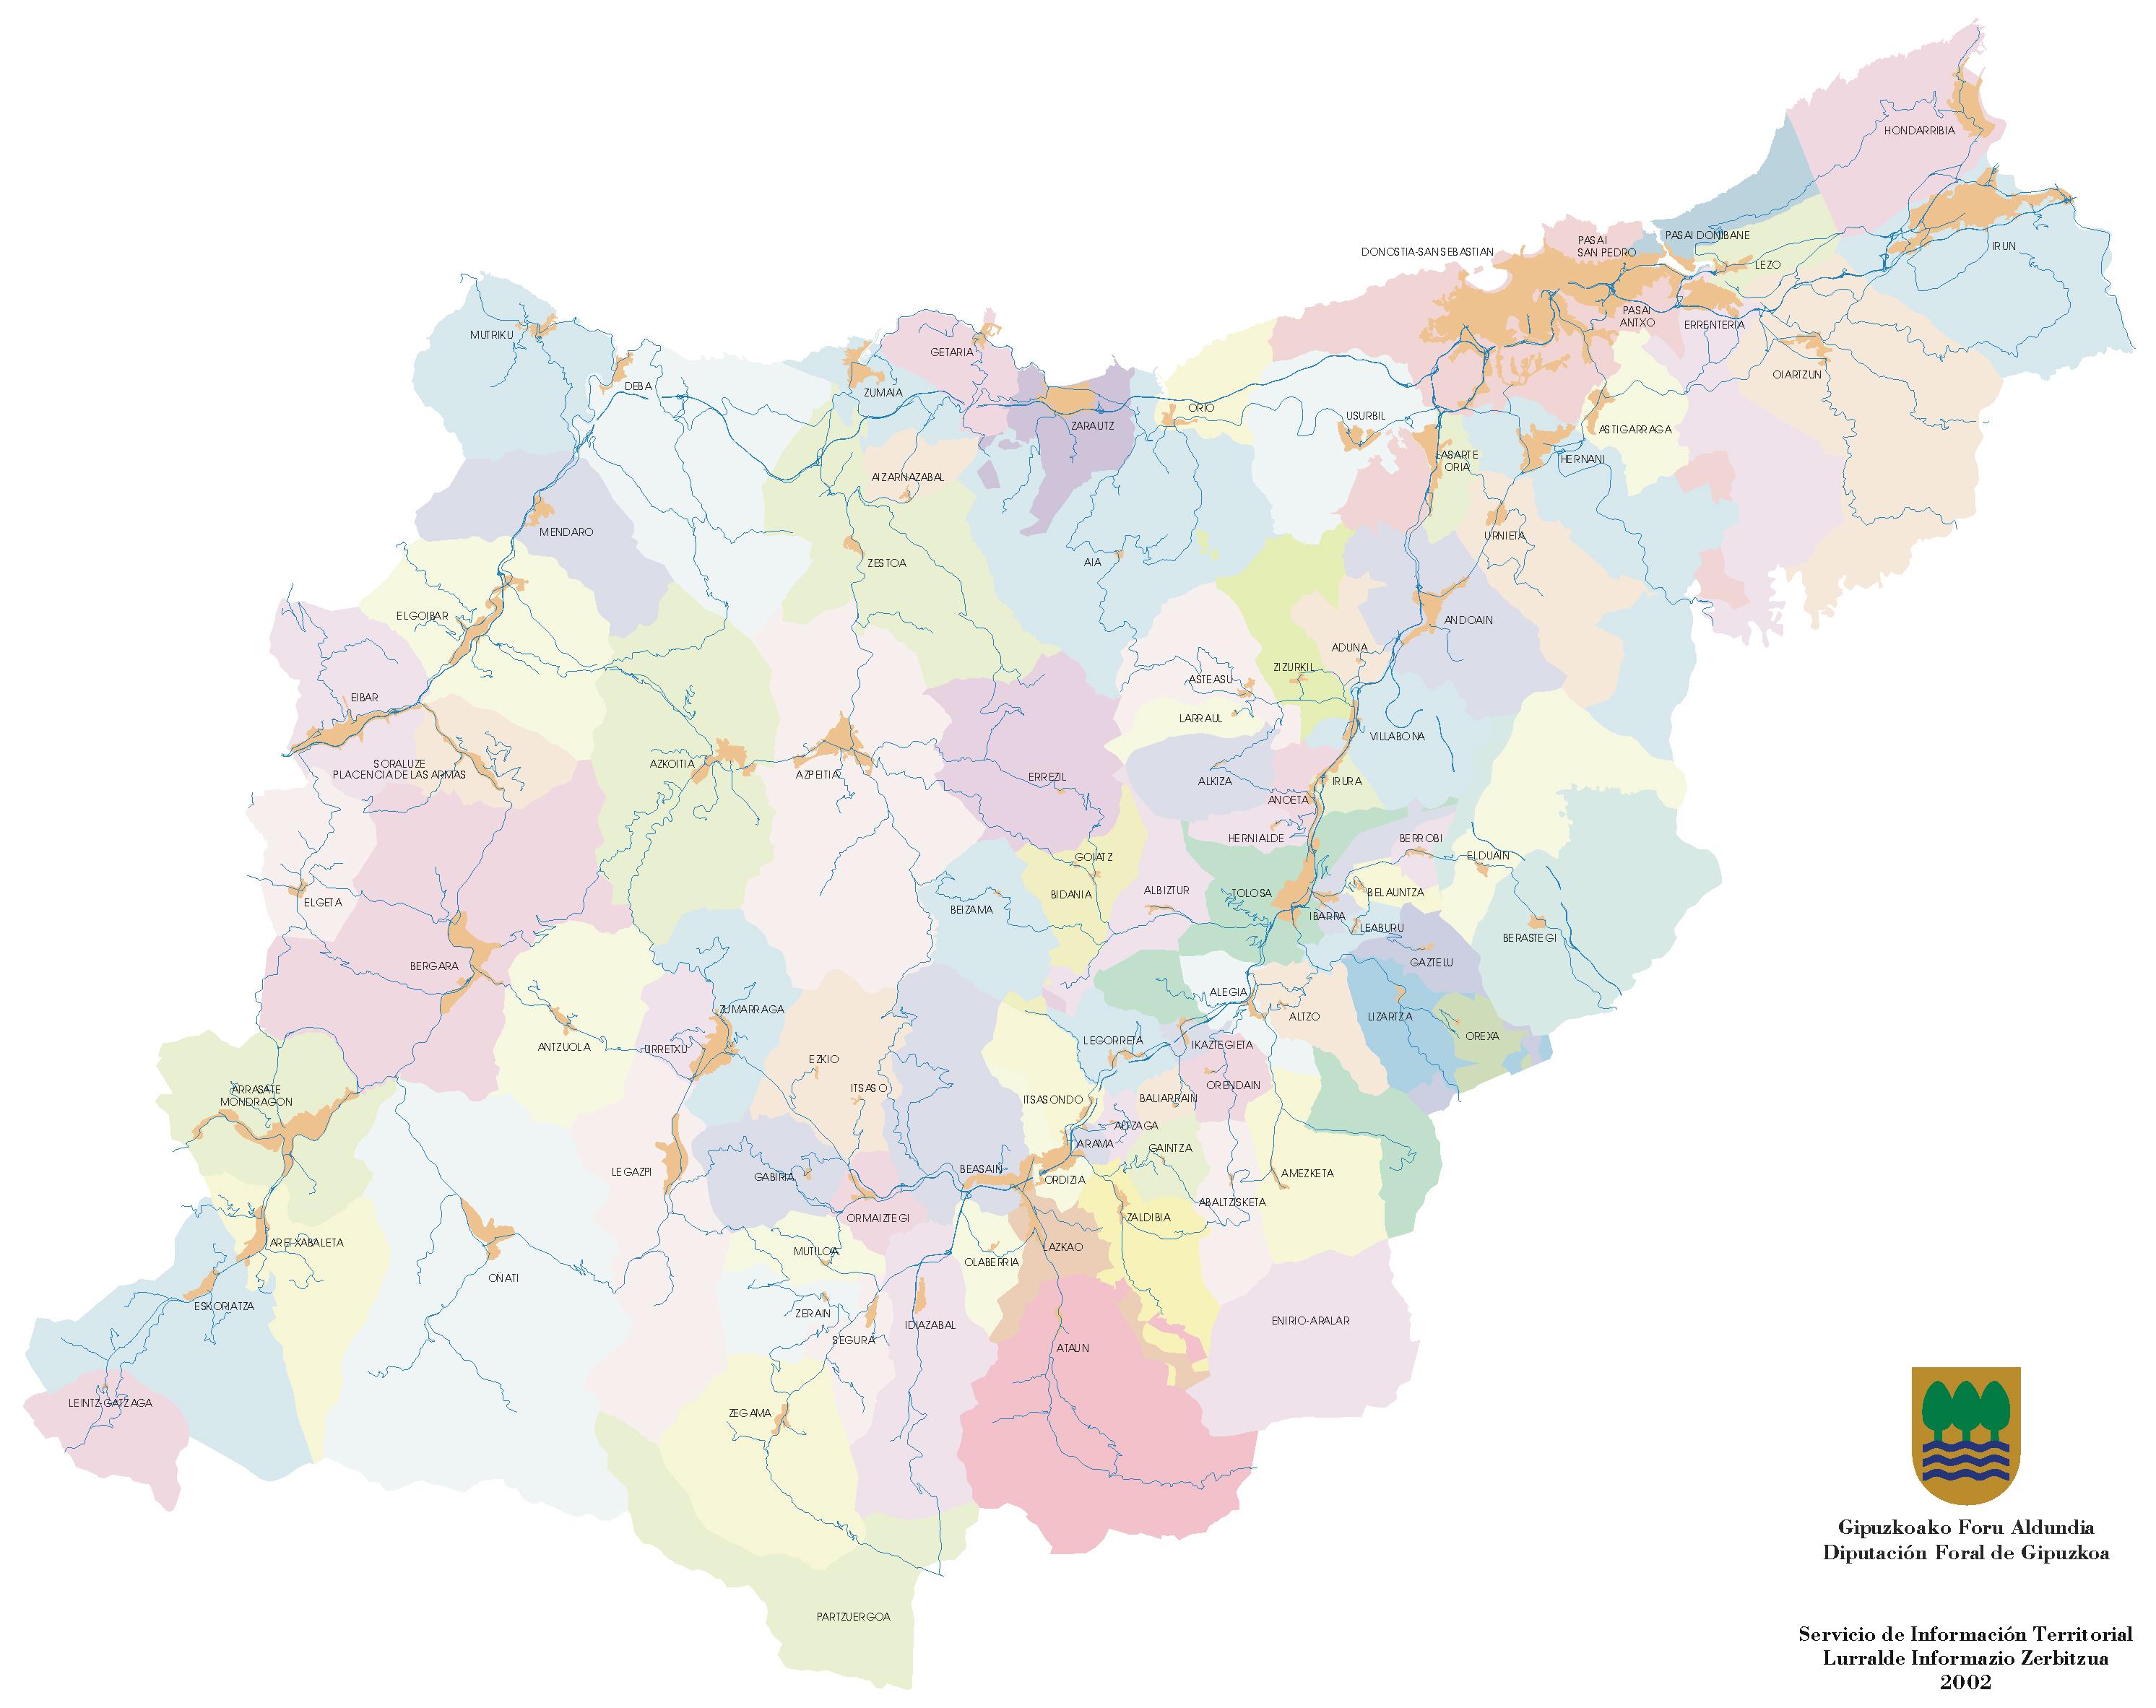 Municipios, Mancomunidades y Cascos urbanos de Guipúzcoa 2002